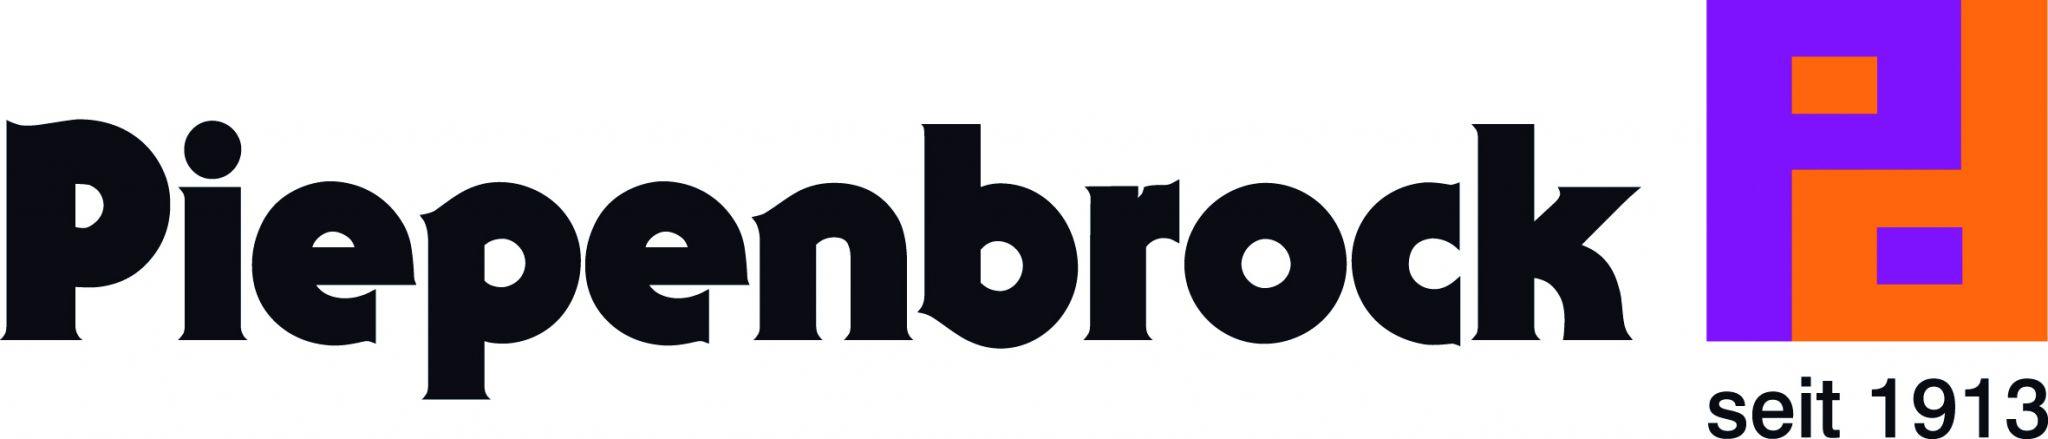 Piepenbrock